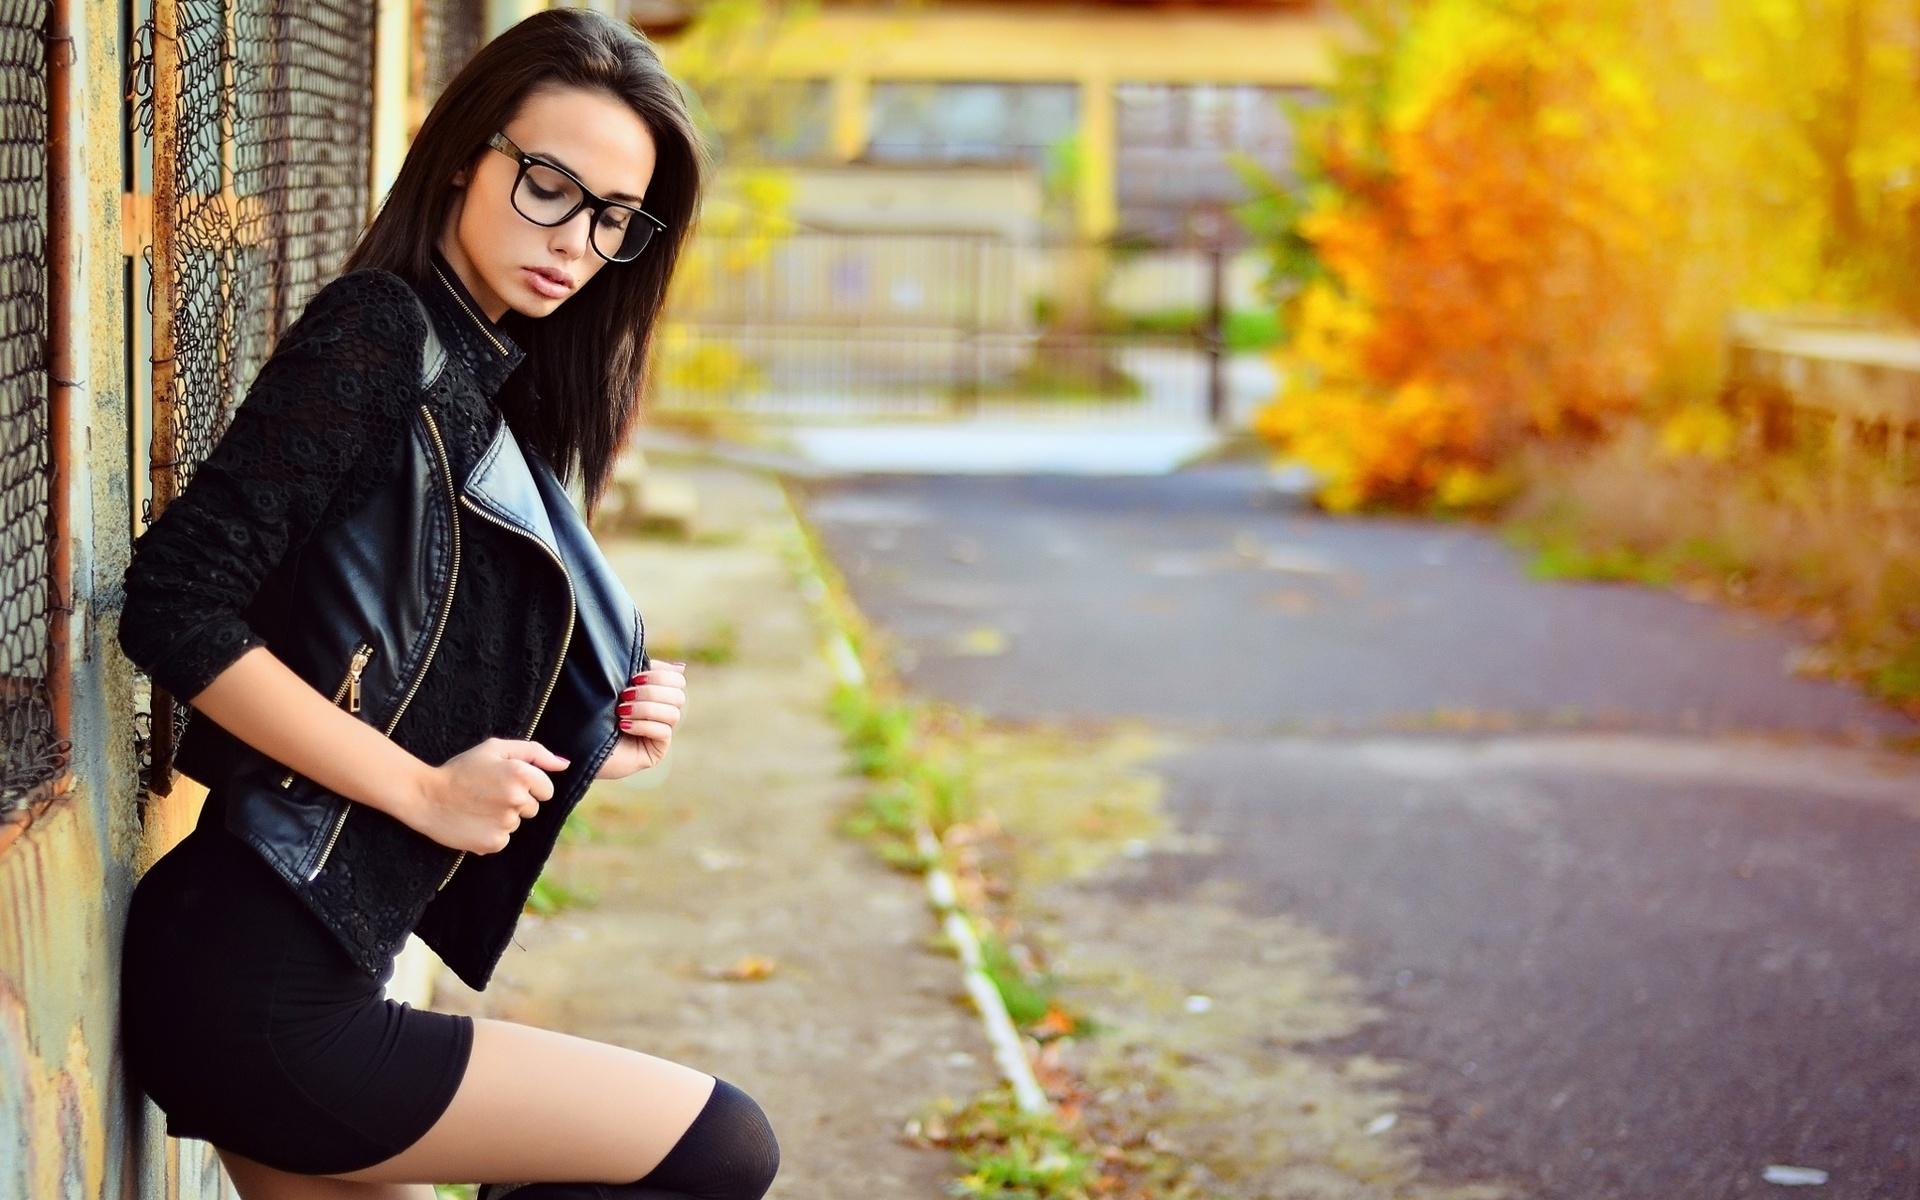 Молодую девушка позирует в очках видео